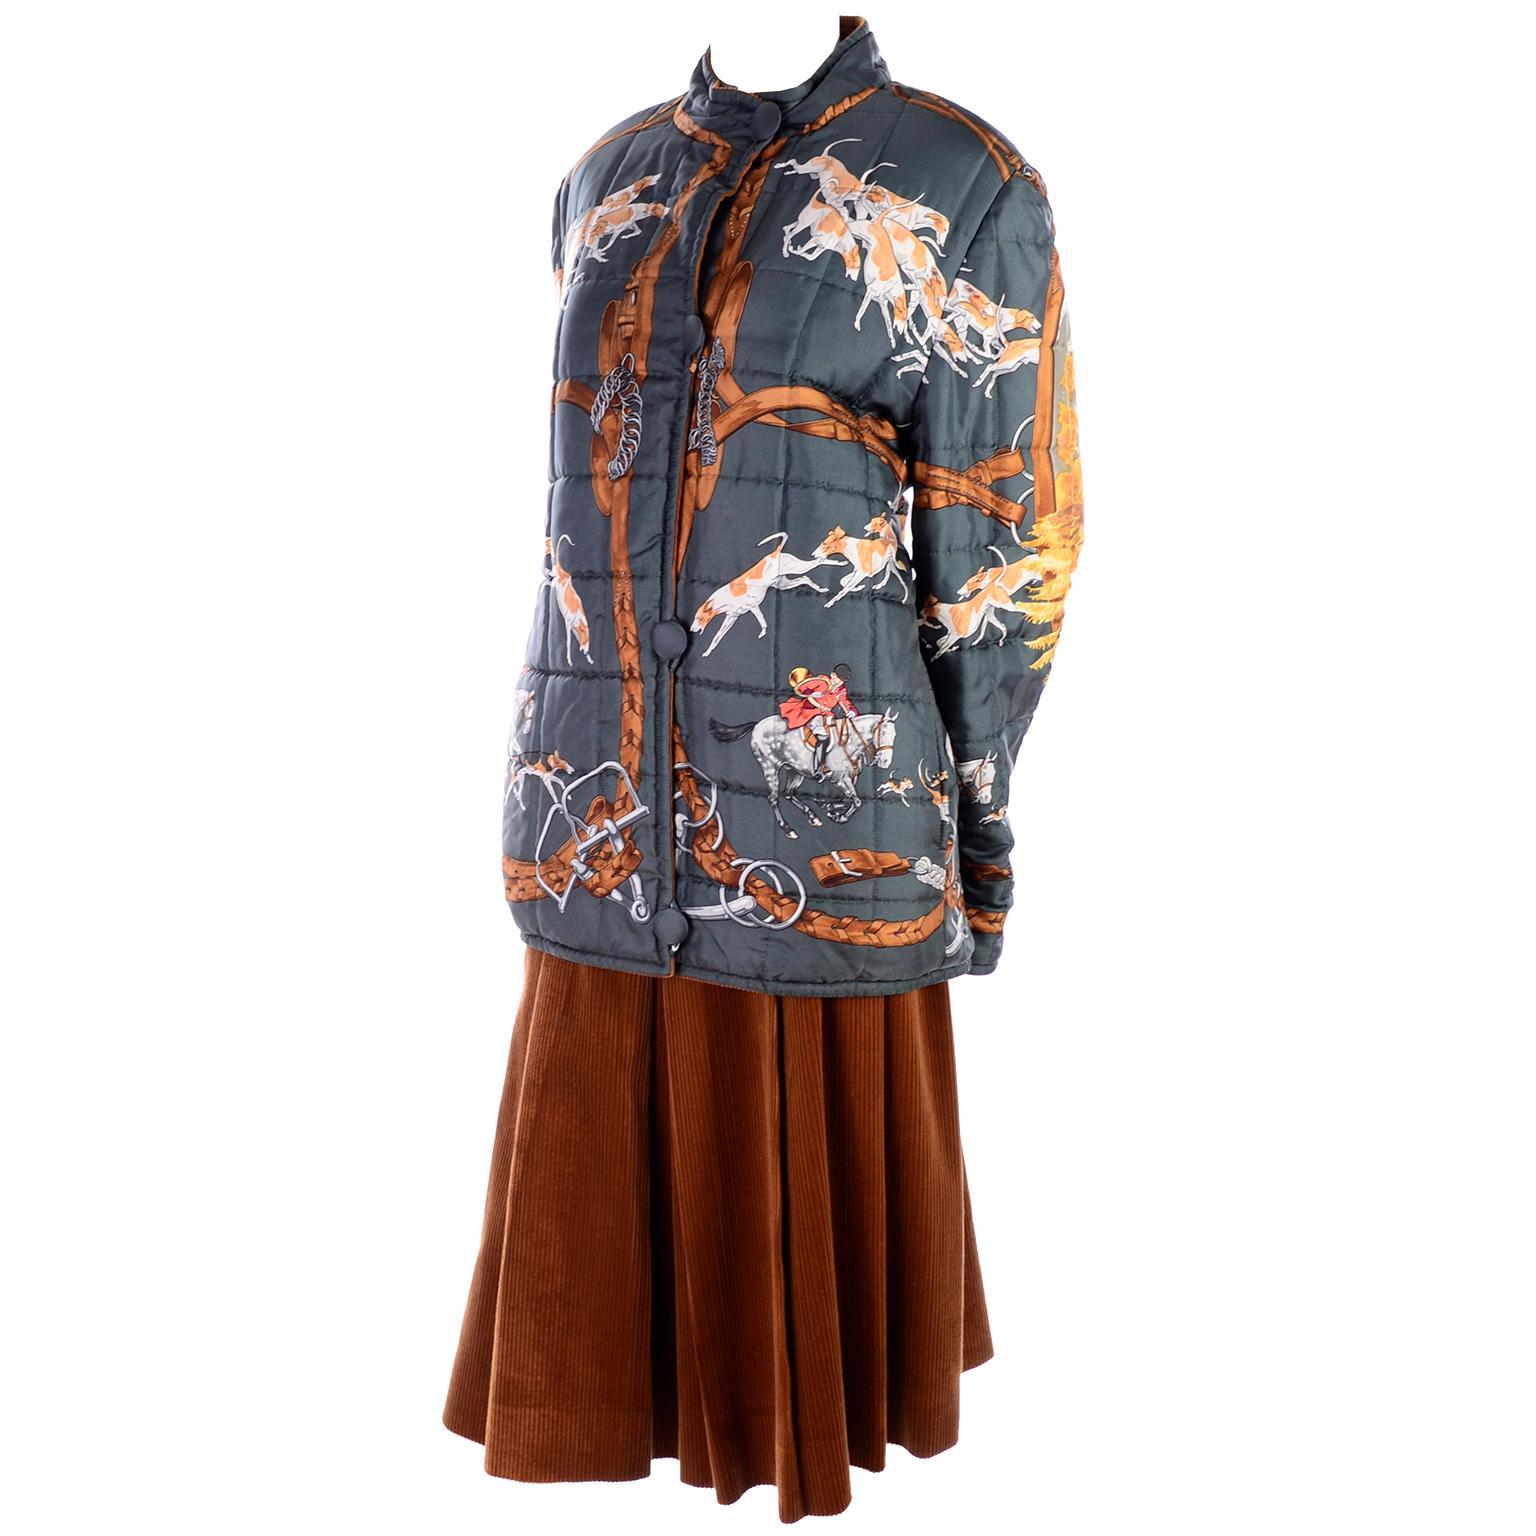 Hermes 1979 Le Bien Aller by Jean de Fougerolle Fox Hunt Silk Jacket & Culottes